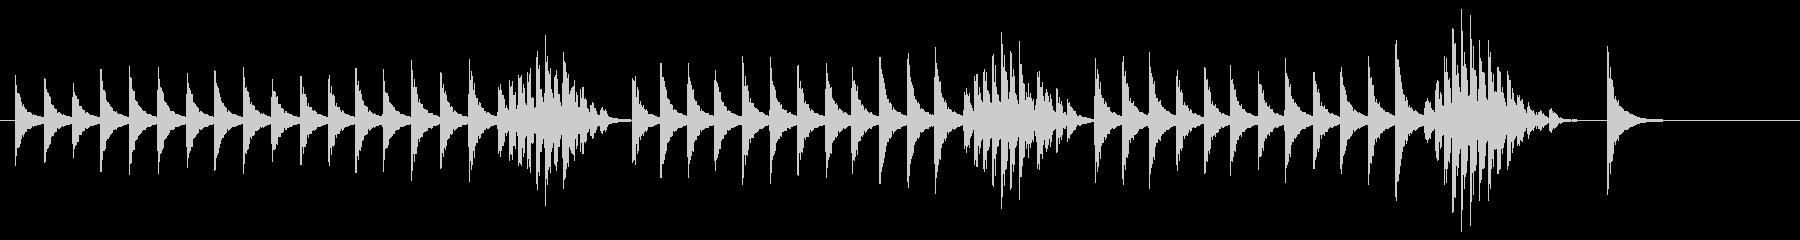 大太鼓3雪音歌舞伎情景描写和風和太鼓雪崩の未再生の波形